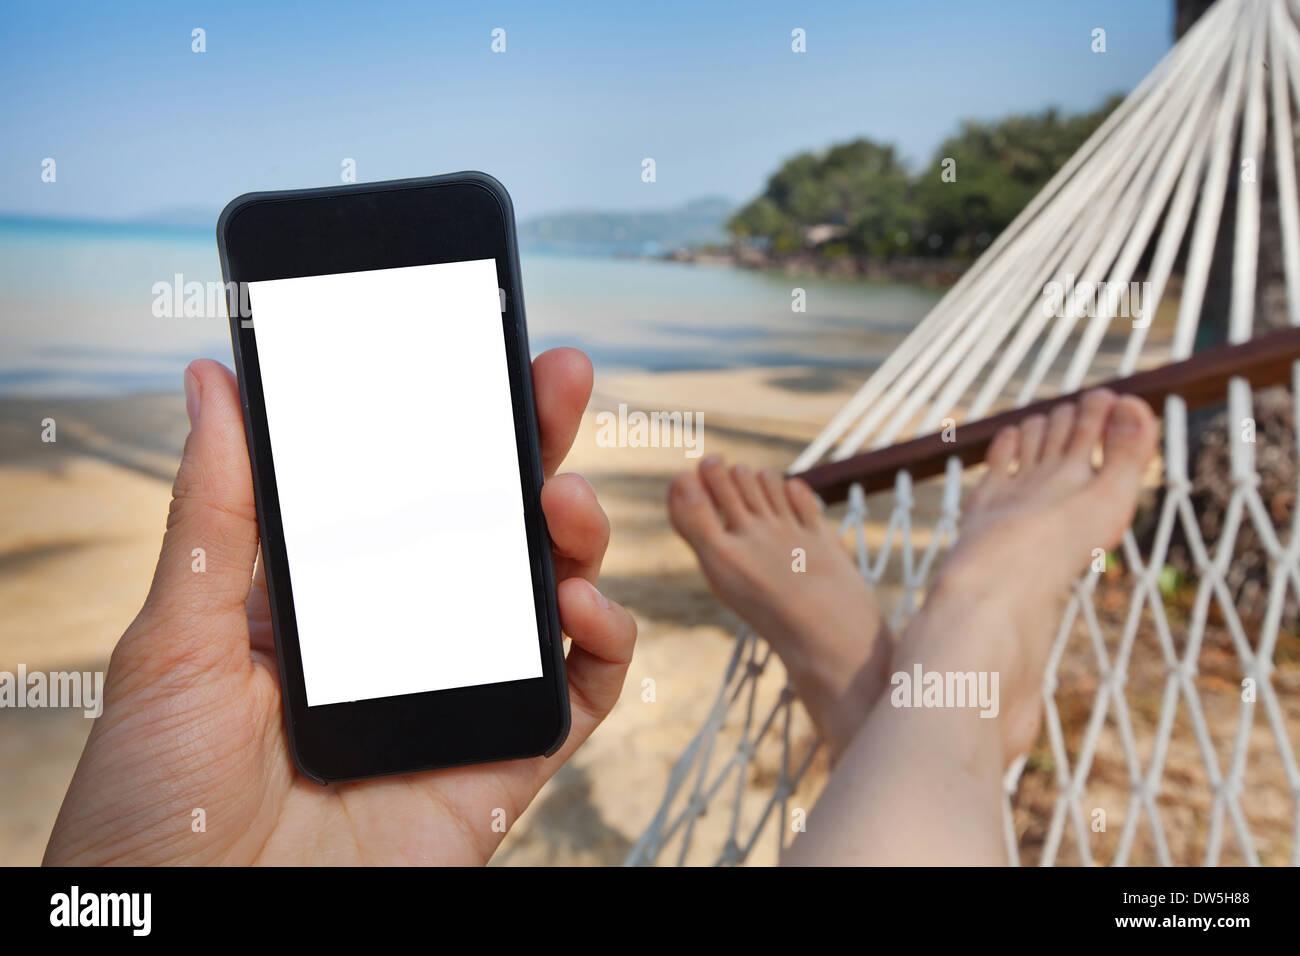 Smartphone in mano in spiaggia amaca Immagini Stock